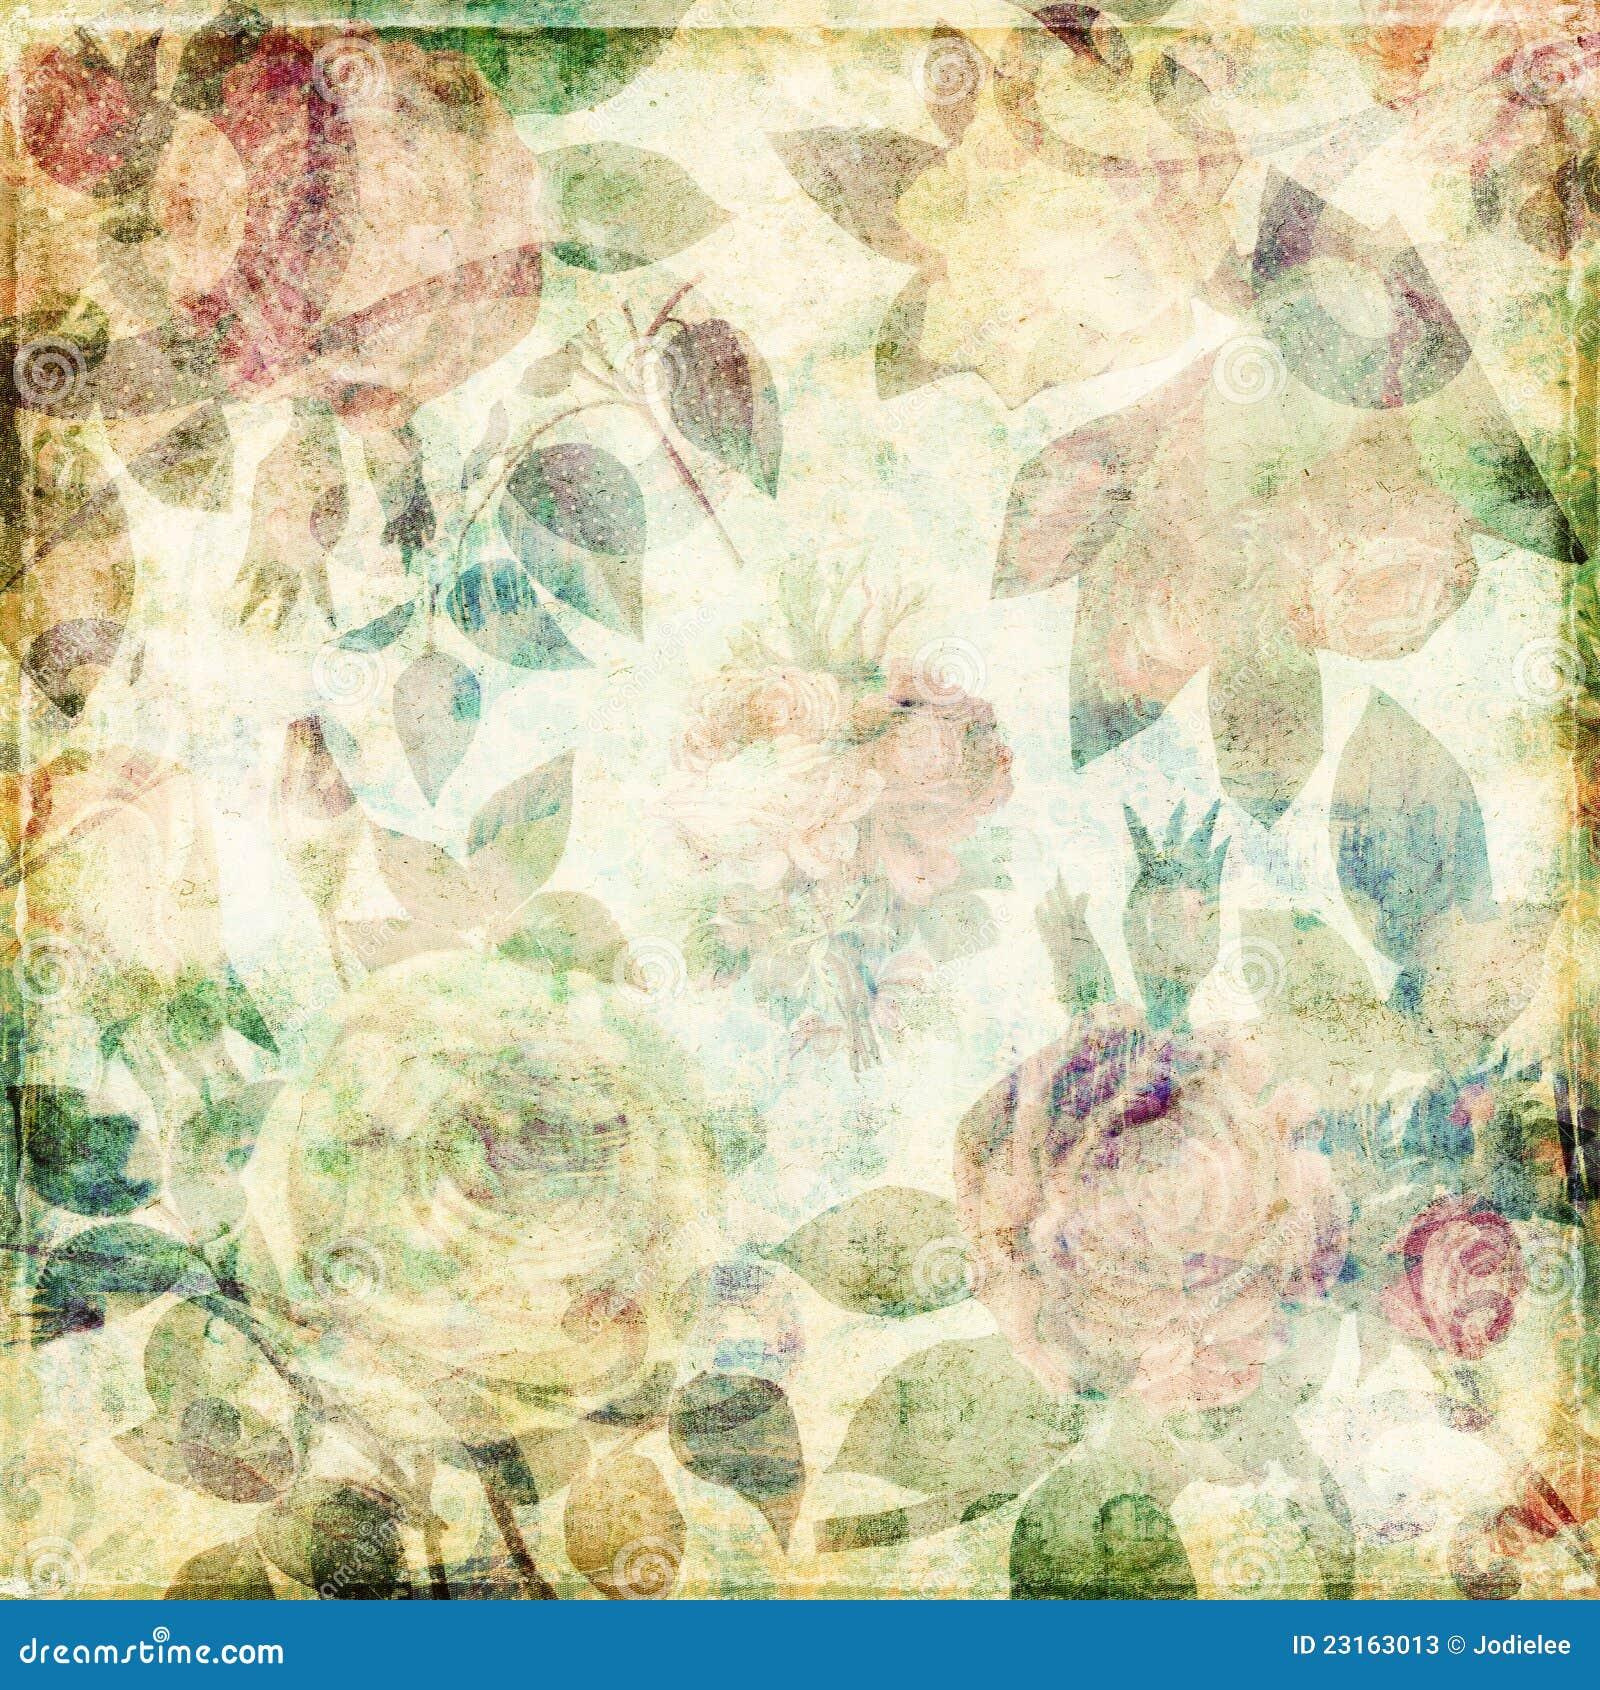 Grungy botanical vintage roses shabby background